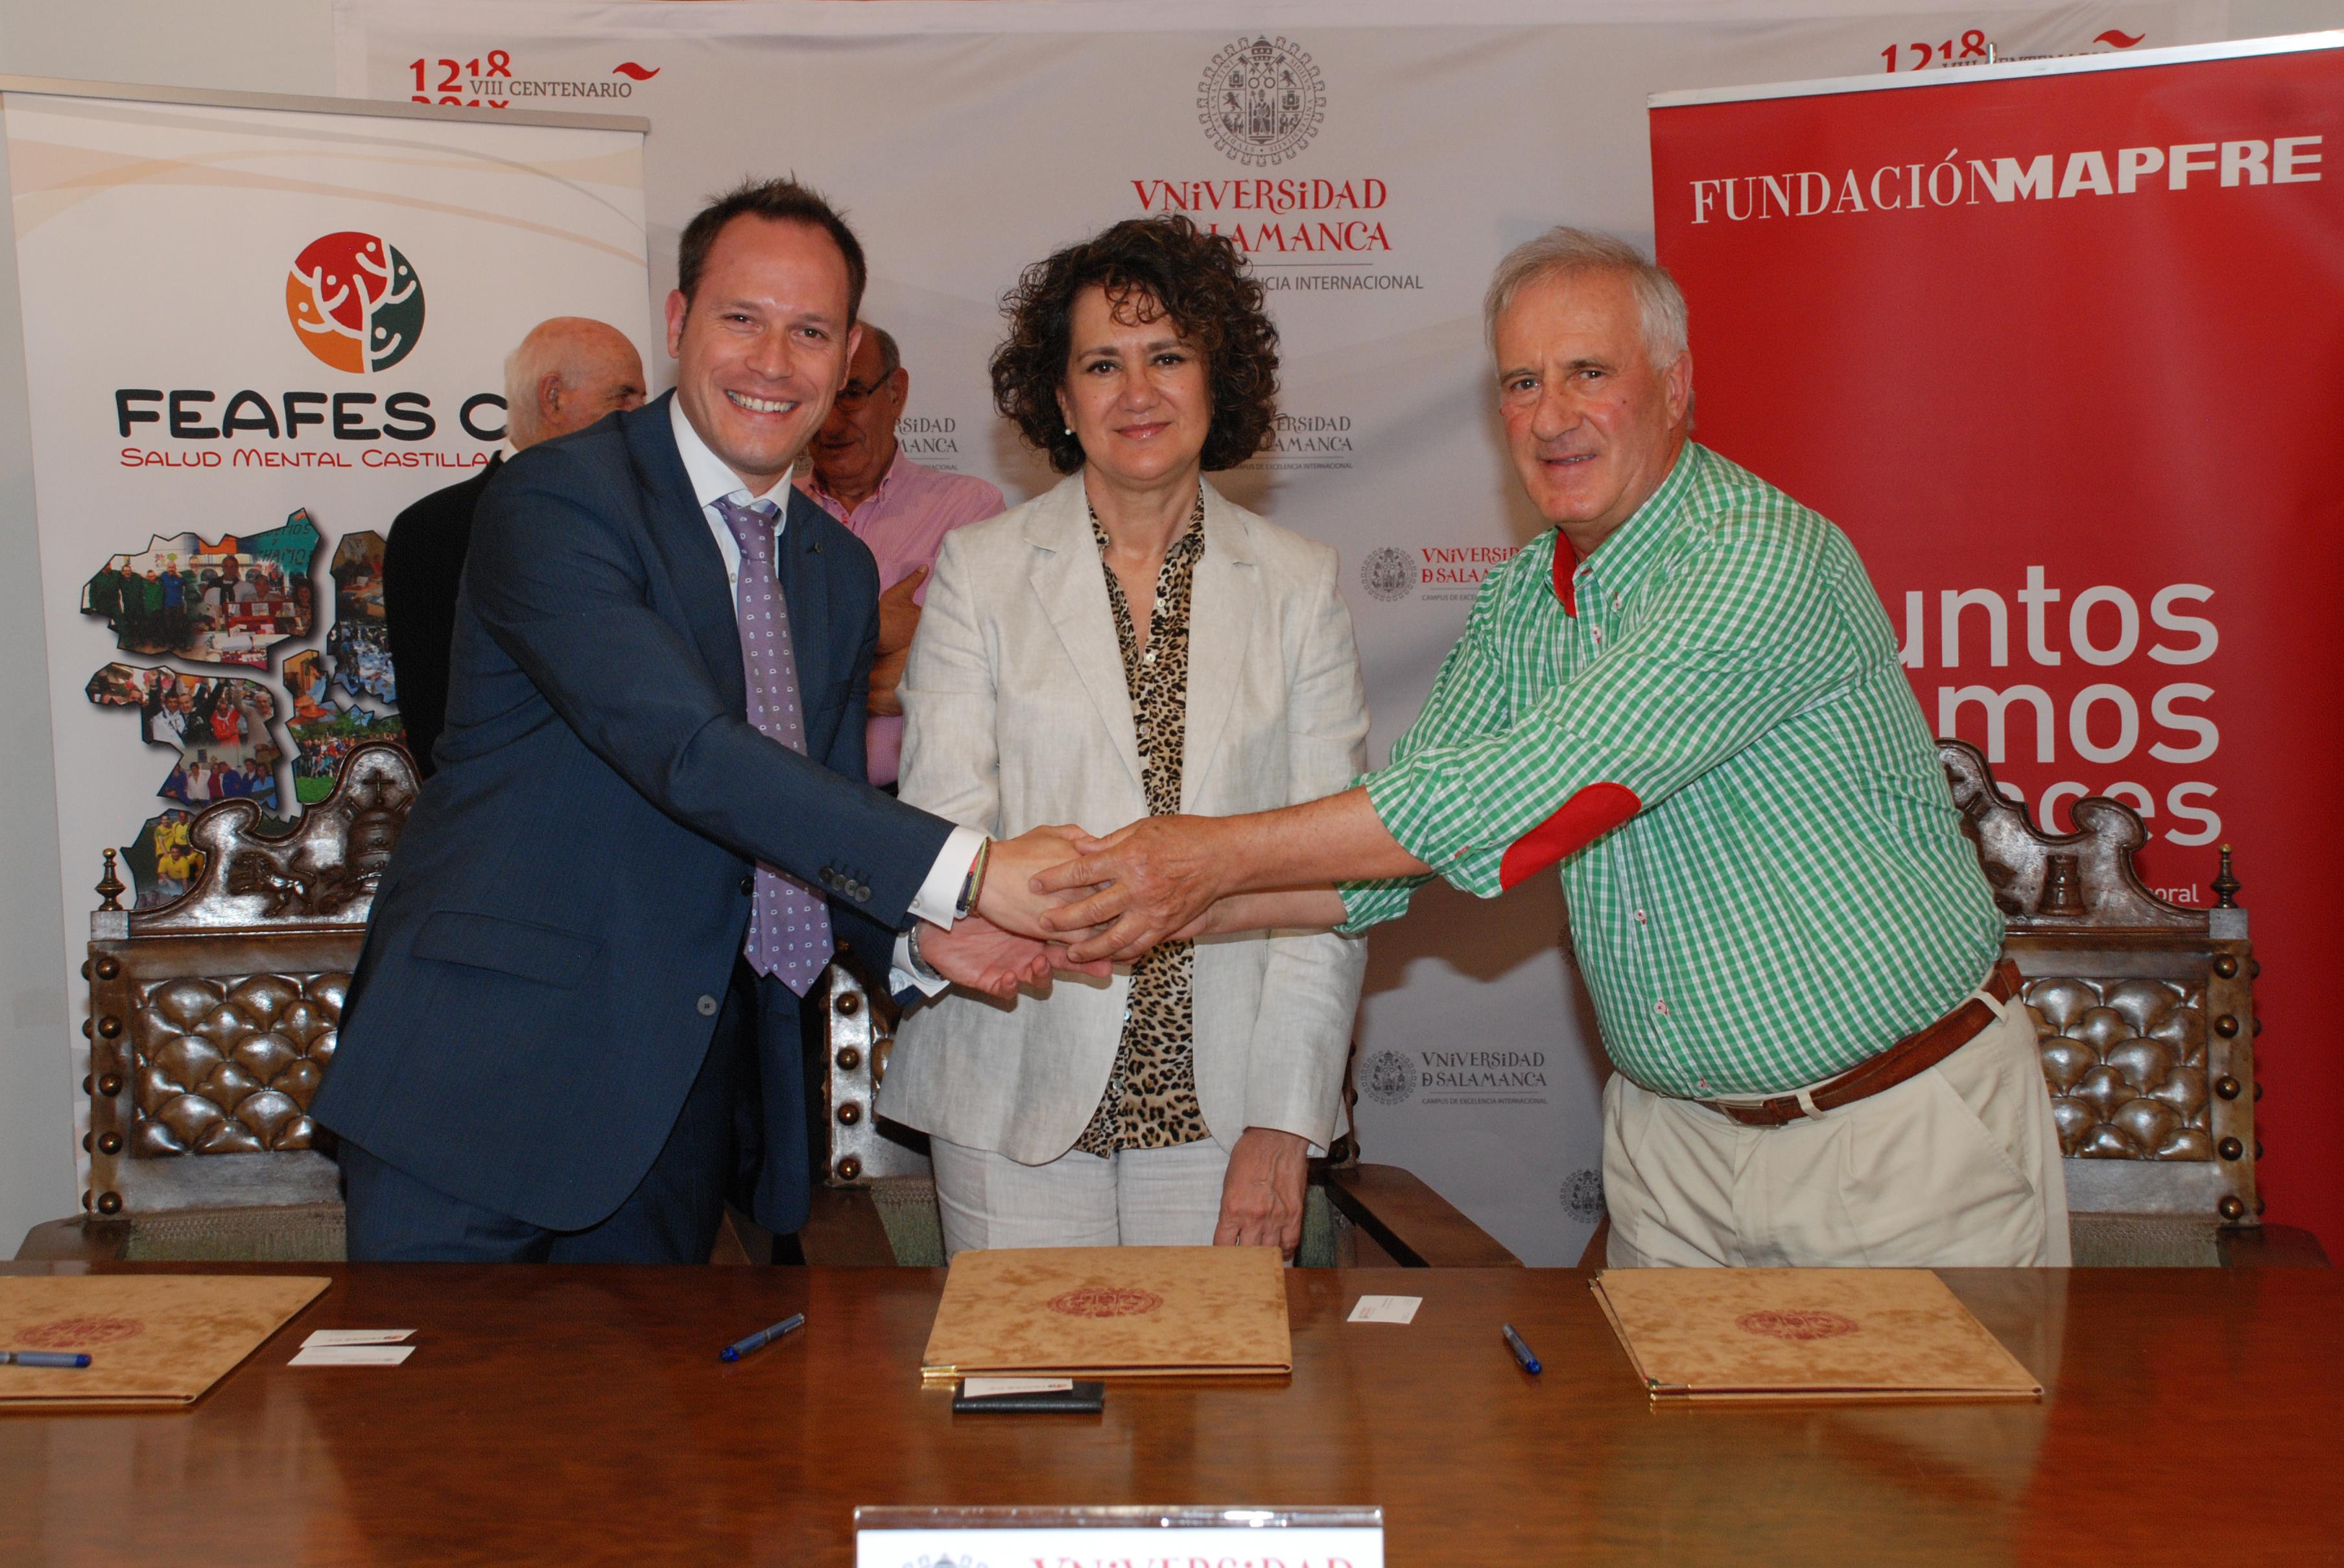 La Universidad de Salamanca, Fundación Mapfre y Feafes Castilla y León promueven la integración laboral de los jóvenes con enfermedad mental